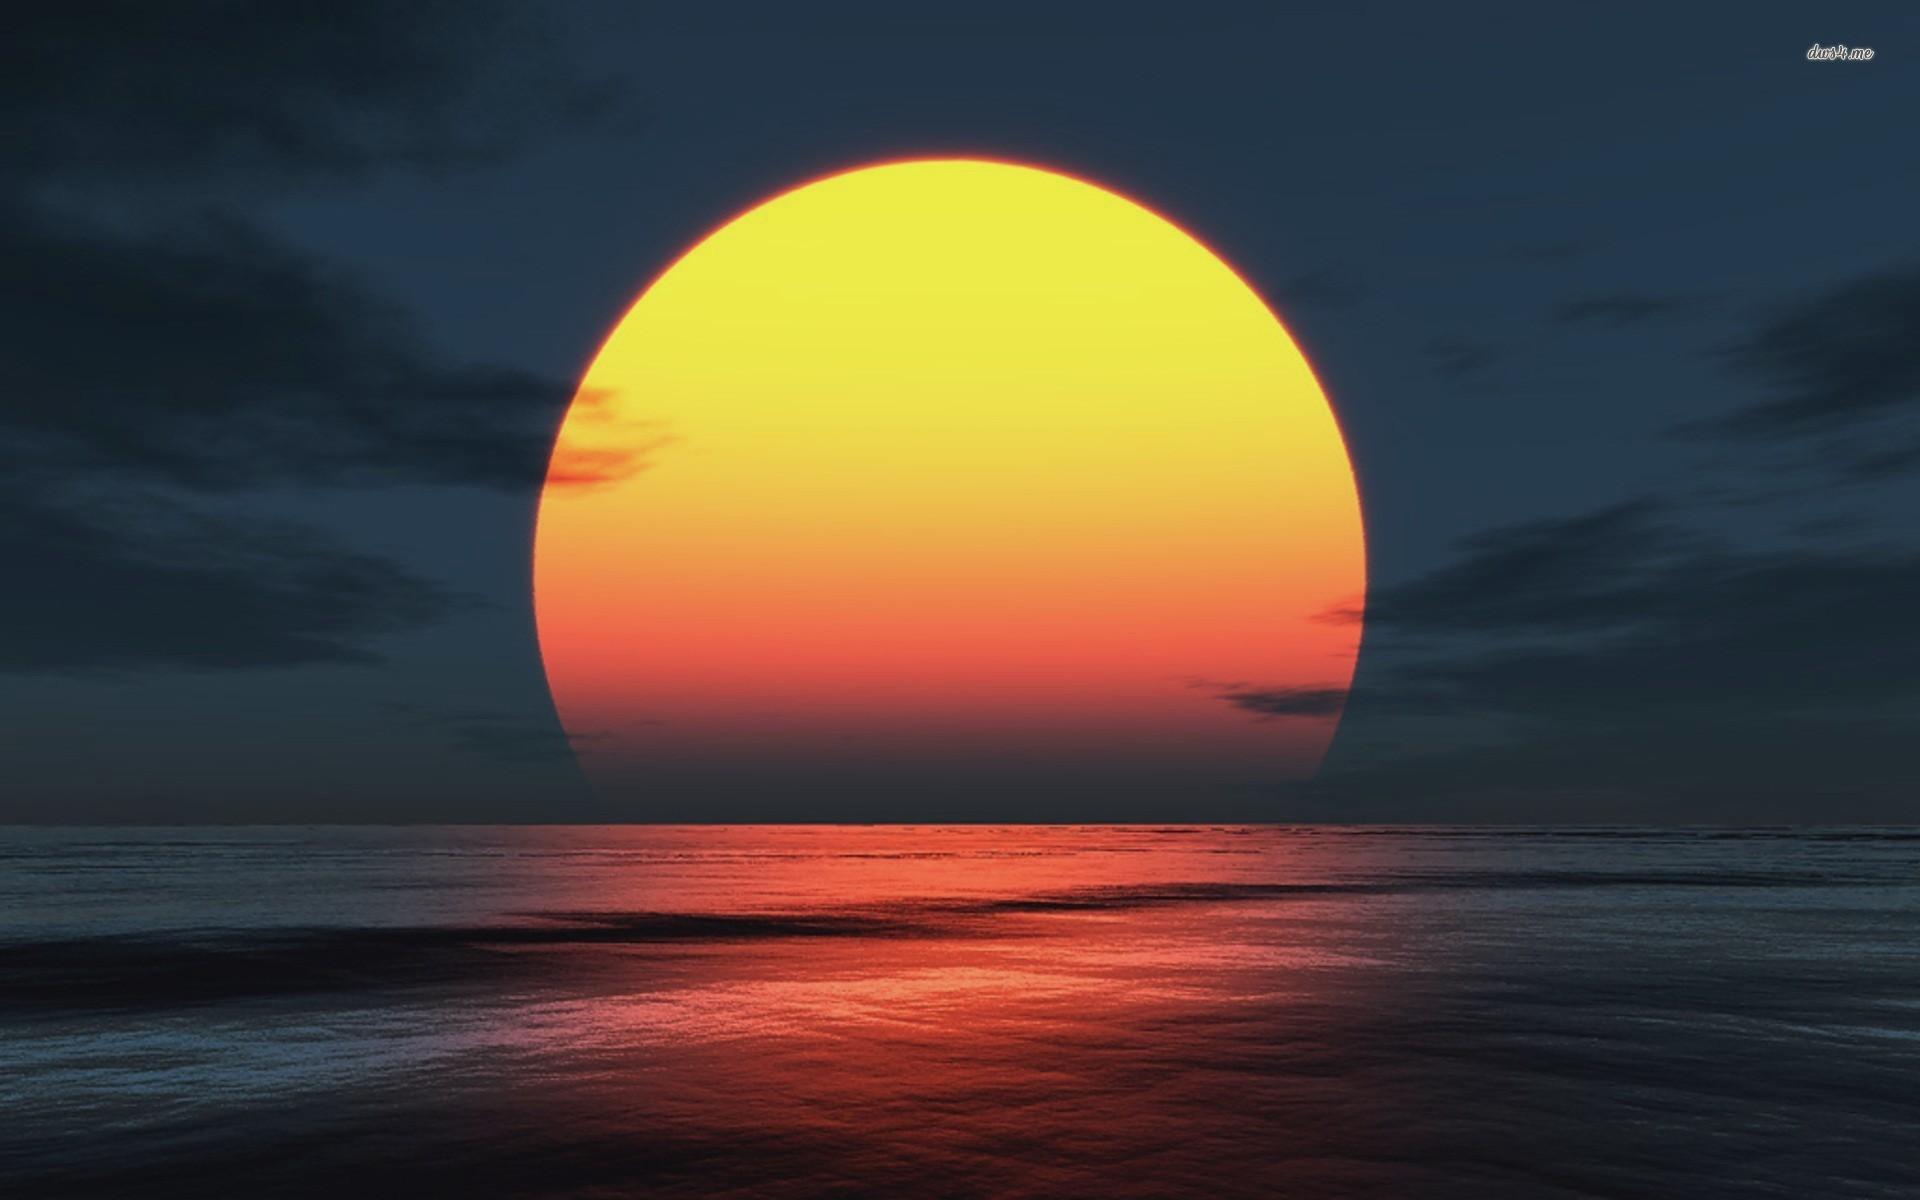 Sunset Wallpaper Hd - Sunset Hd - HD Wallpaper